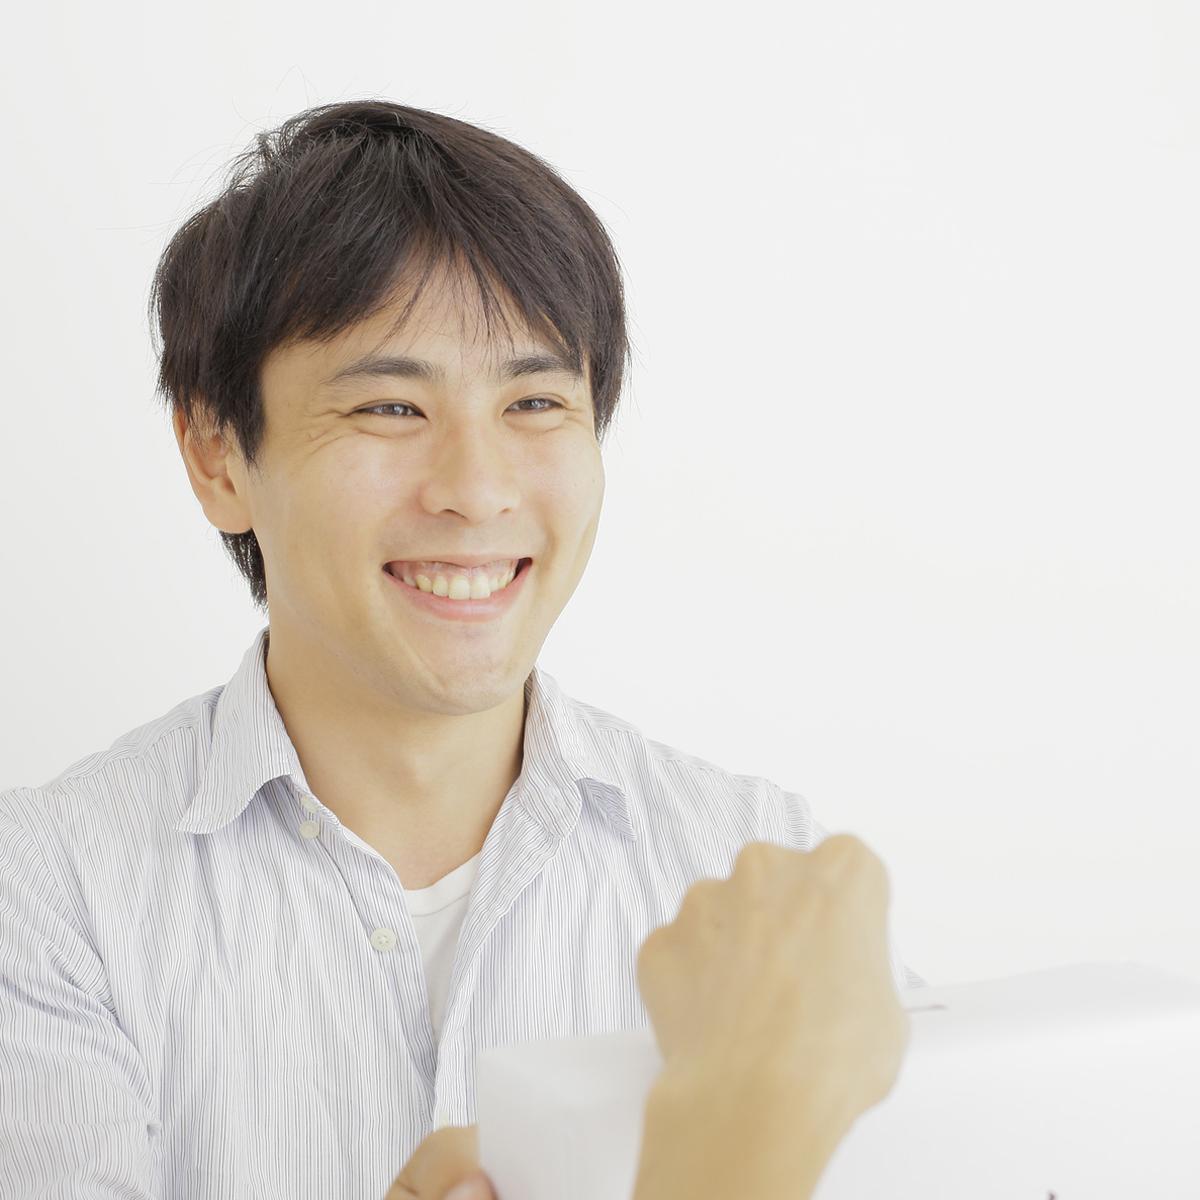 7年間で約1.5倍に増額! 日本で寄付が伸びている背景に新型寄付の存在あり